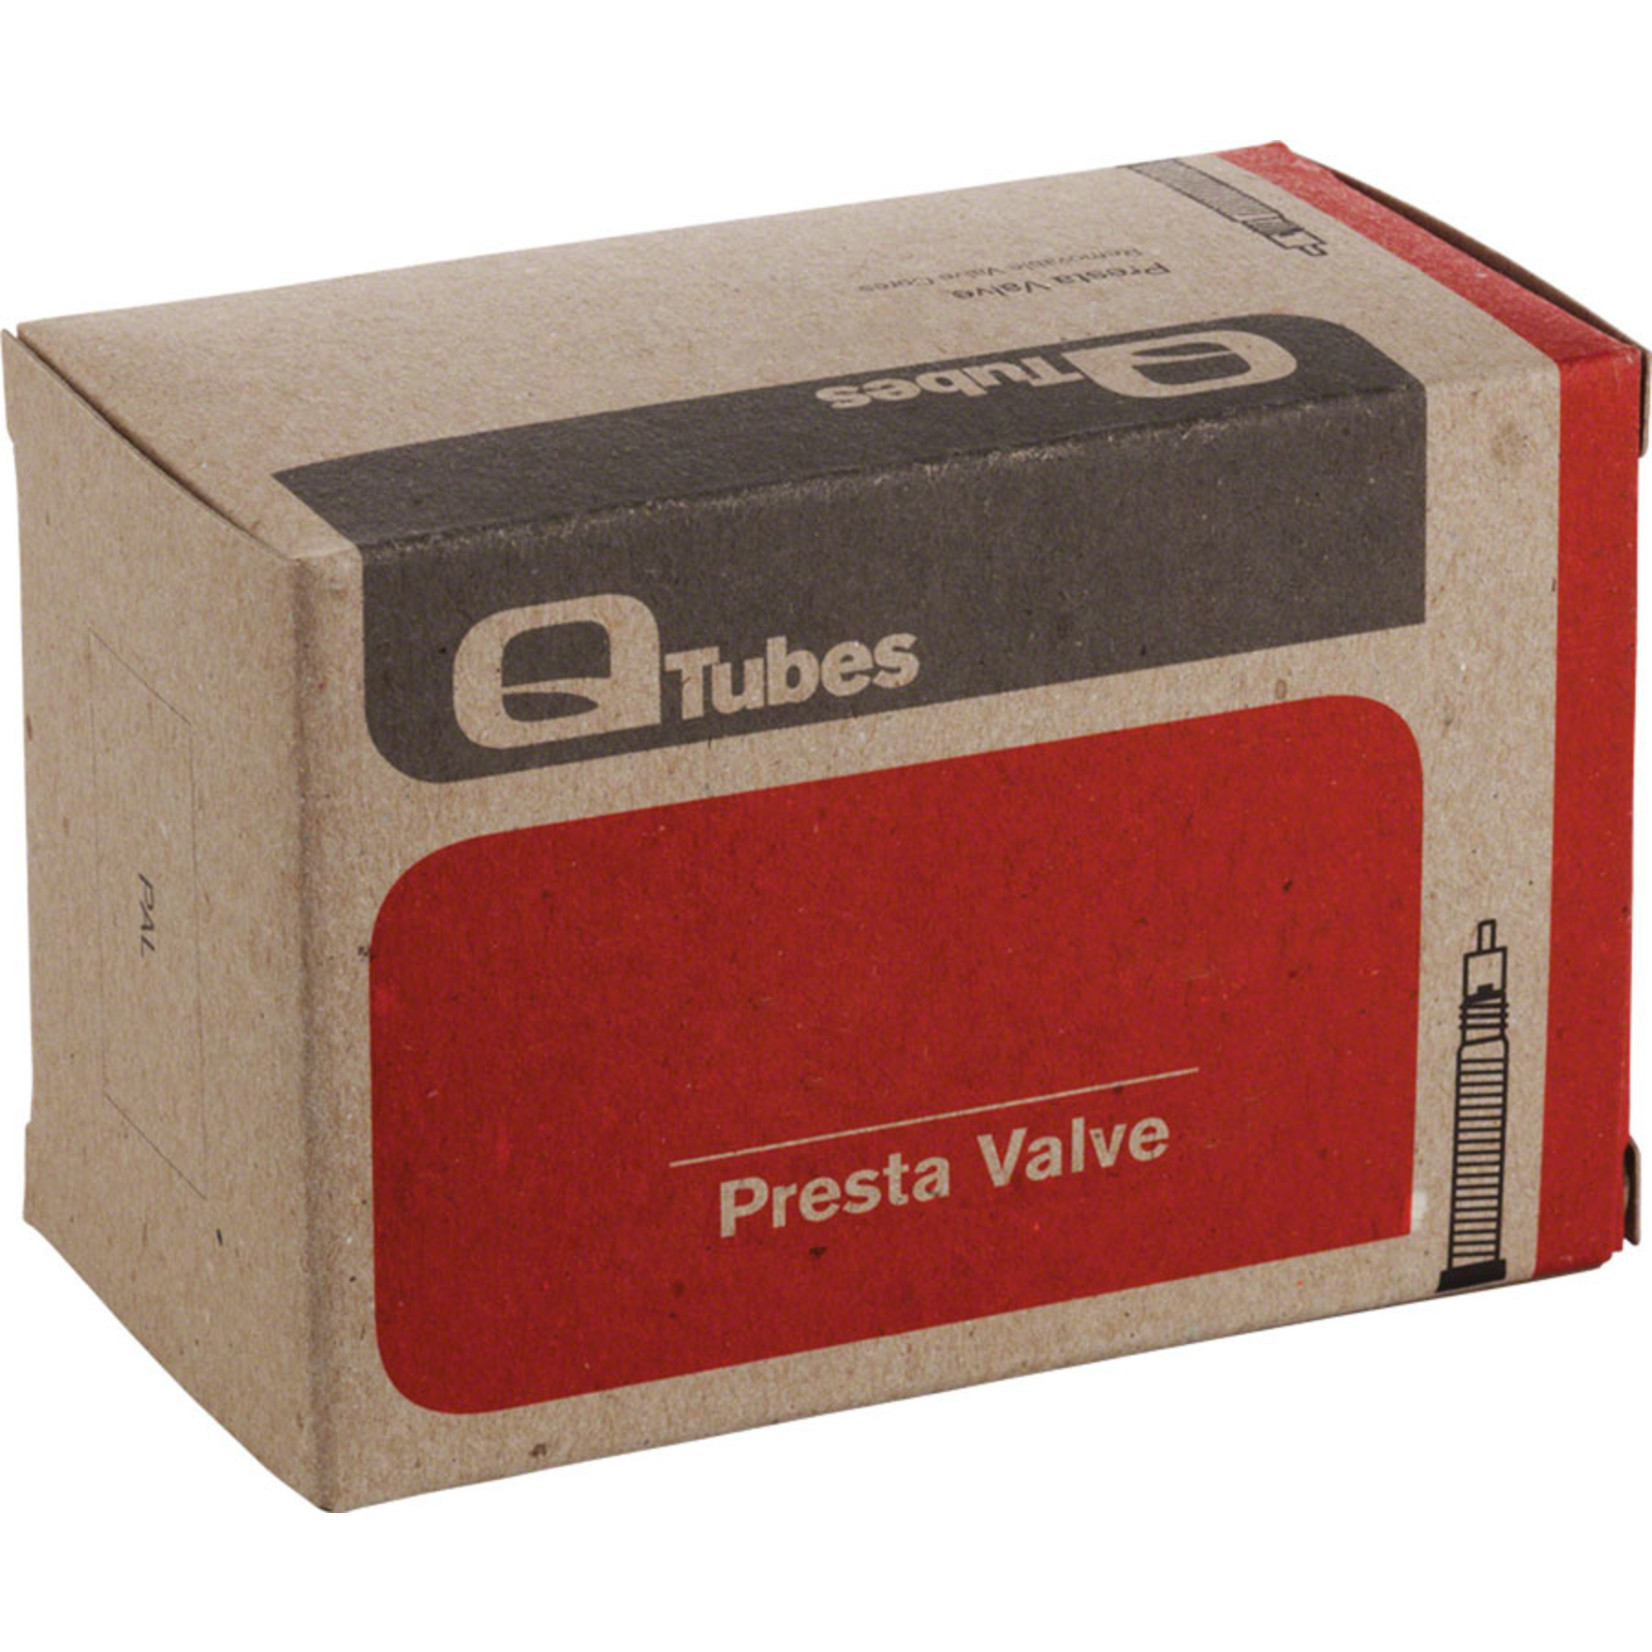 """Q-Tubes Q-Tubes 24"""" x 1-1/8"""" 32mm Presta Valve Tube 92g"""